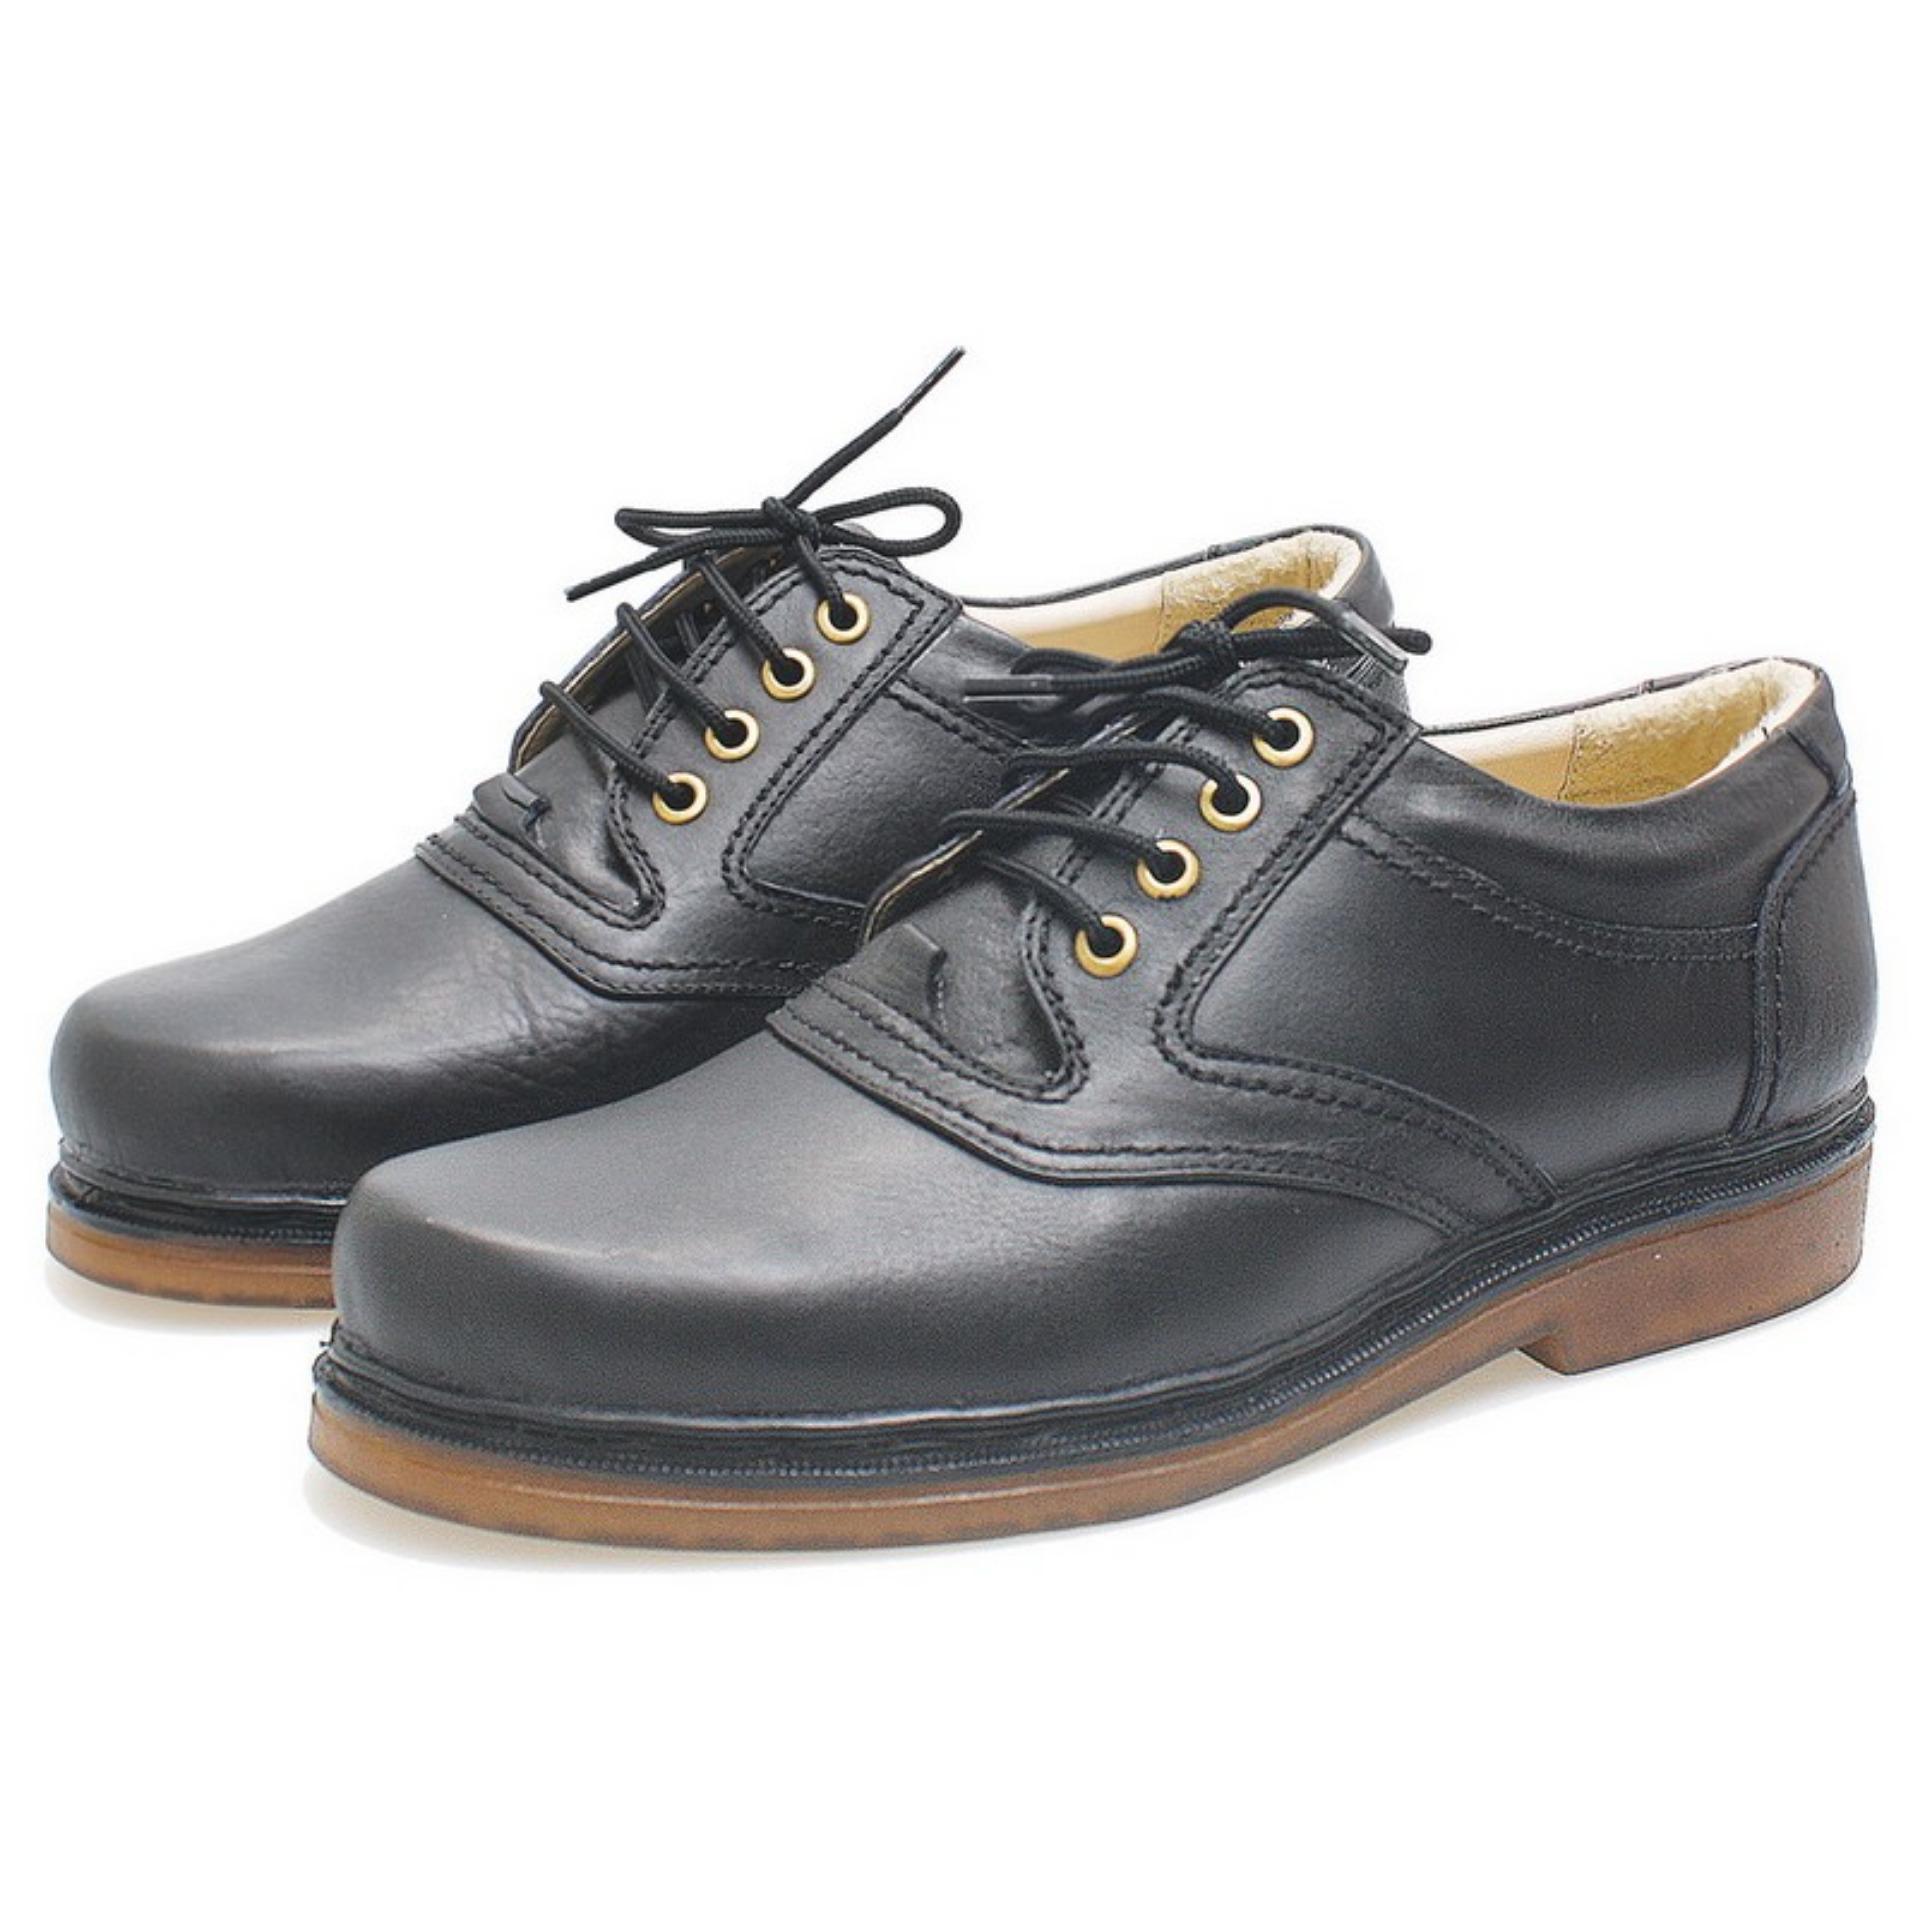 Bsm Soga Sepatu Formal Pantofel Kerja Kantor Kuliah PDH PDL Lapangan Kulit Asli Pria BFH240 -